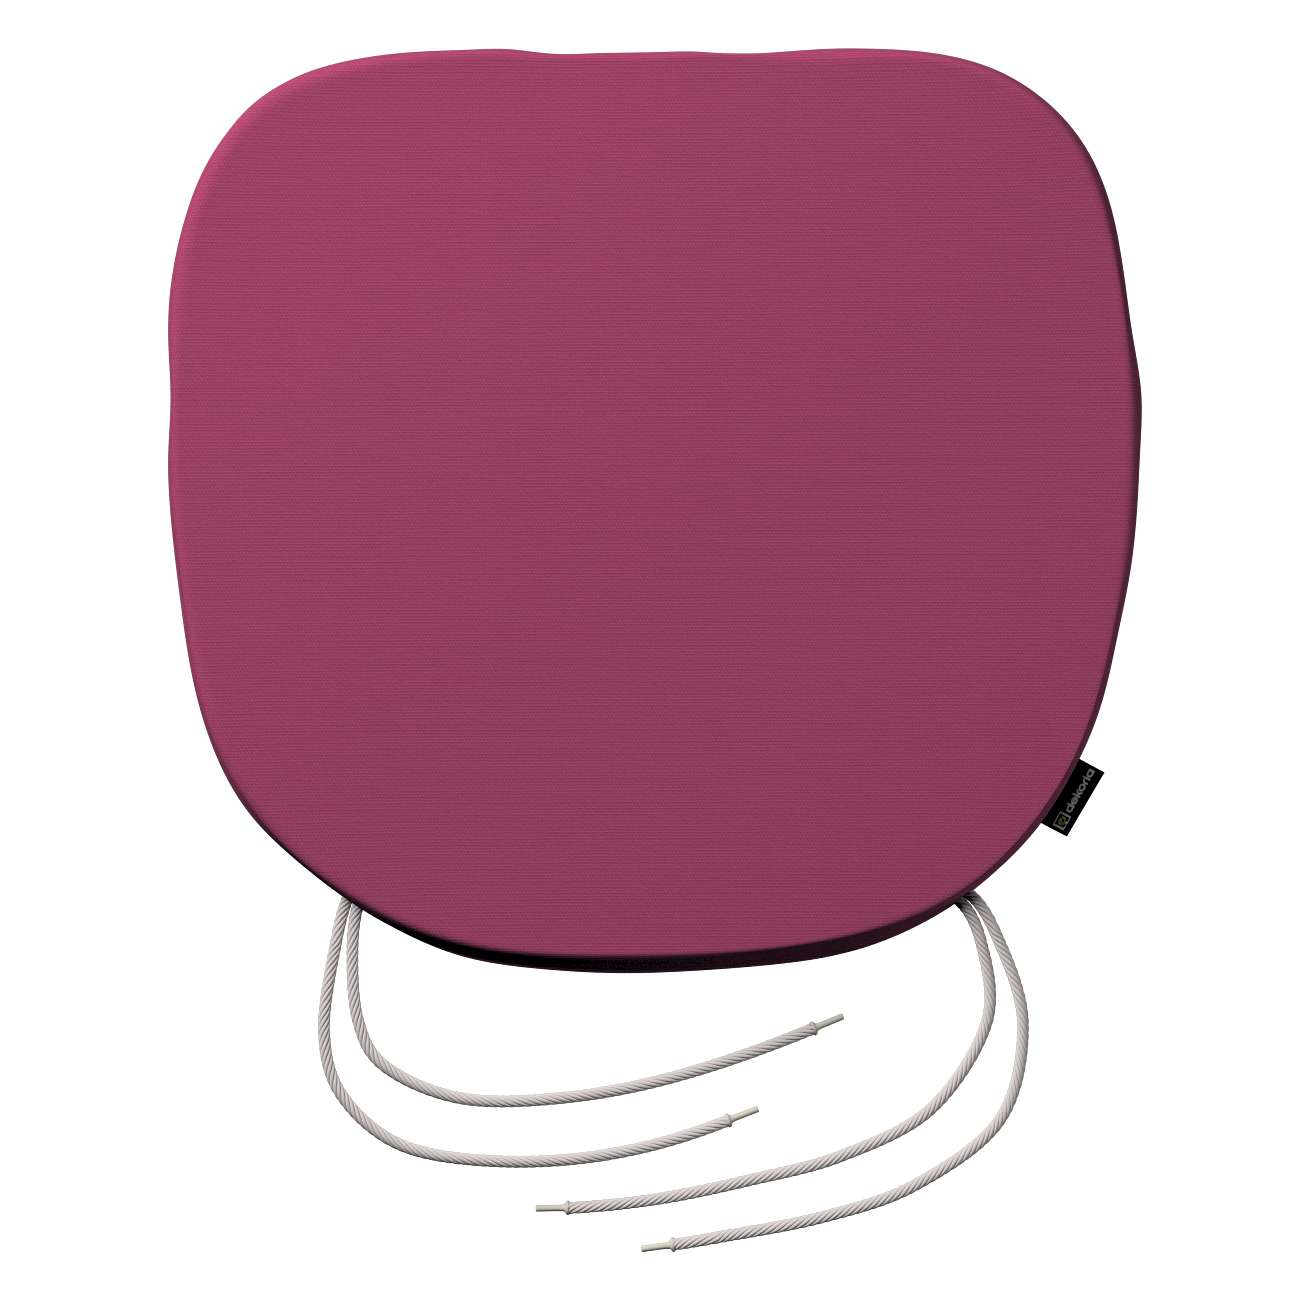 Siedzisko Bartek na krzesło 40x37x2,5cm w kolekcji Cotton Panama, tkanina: 702-32